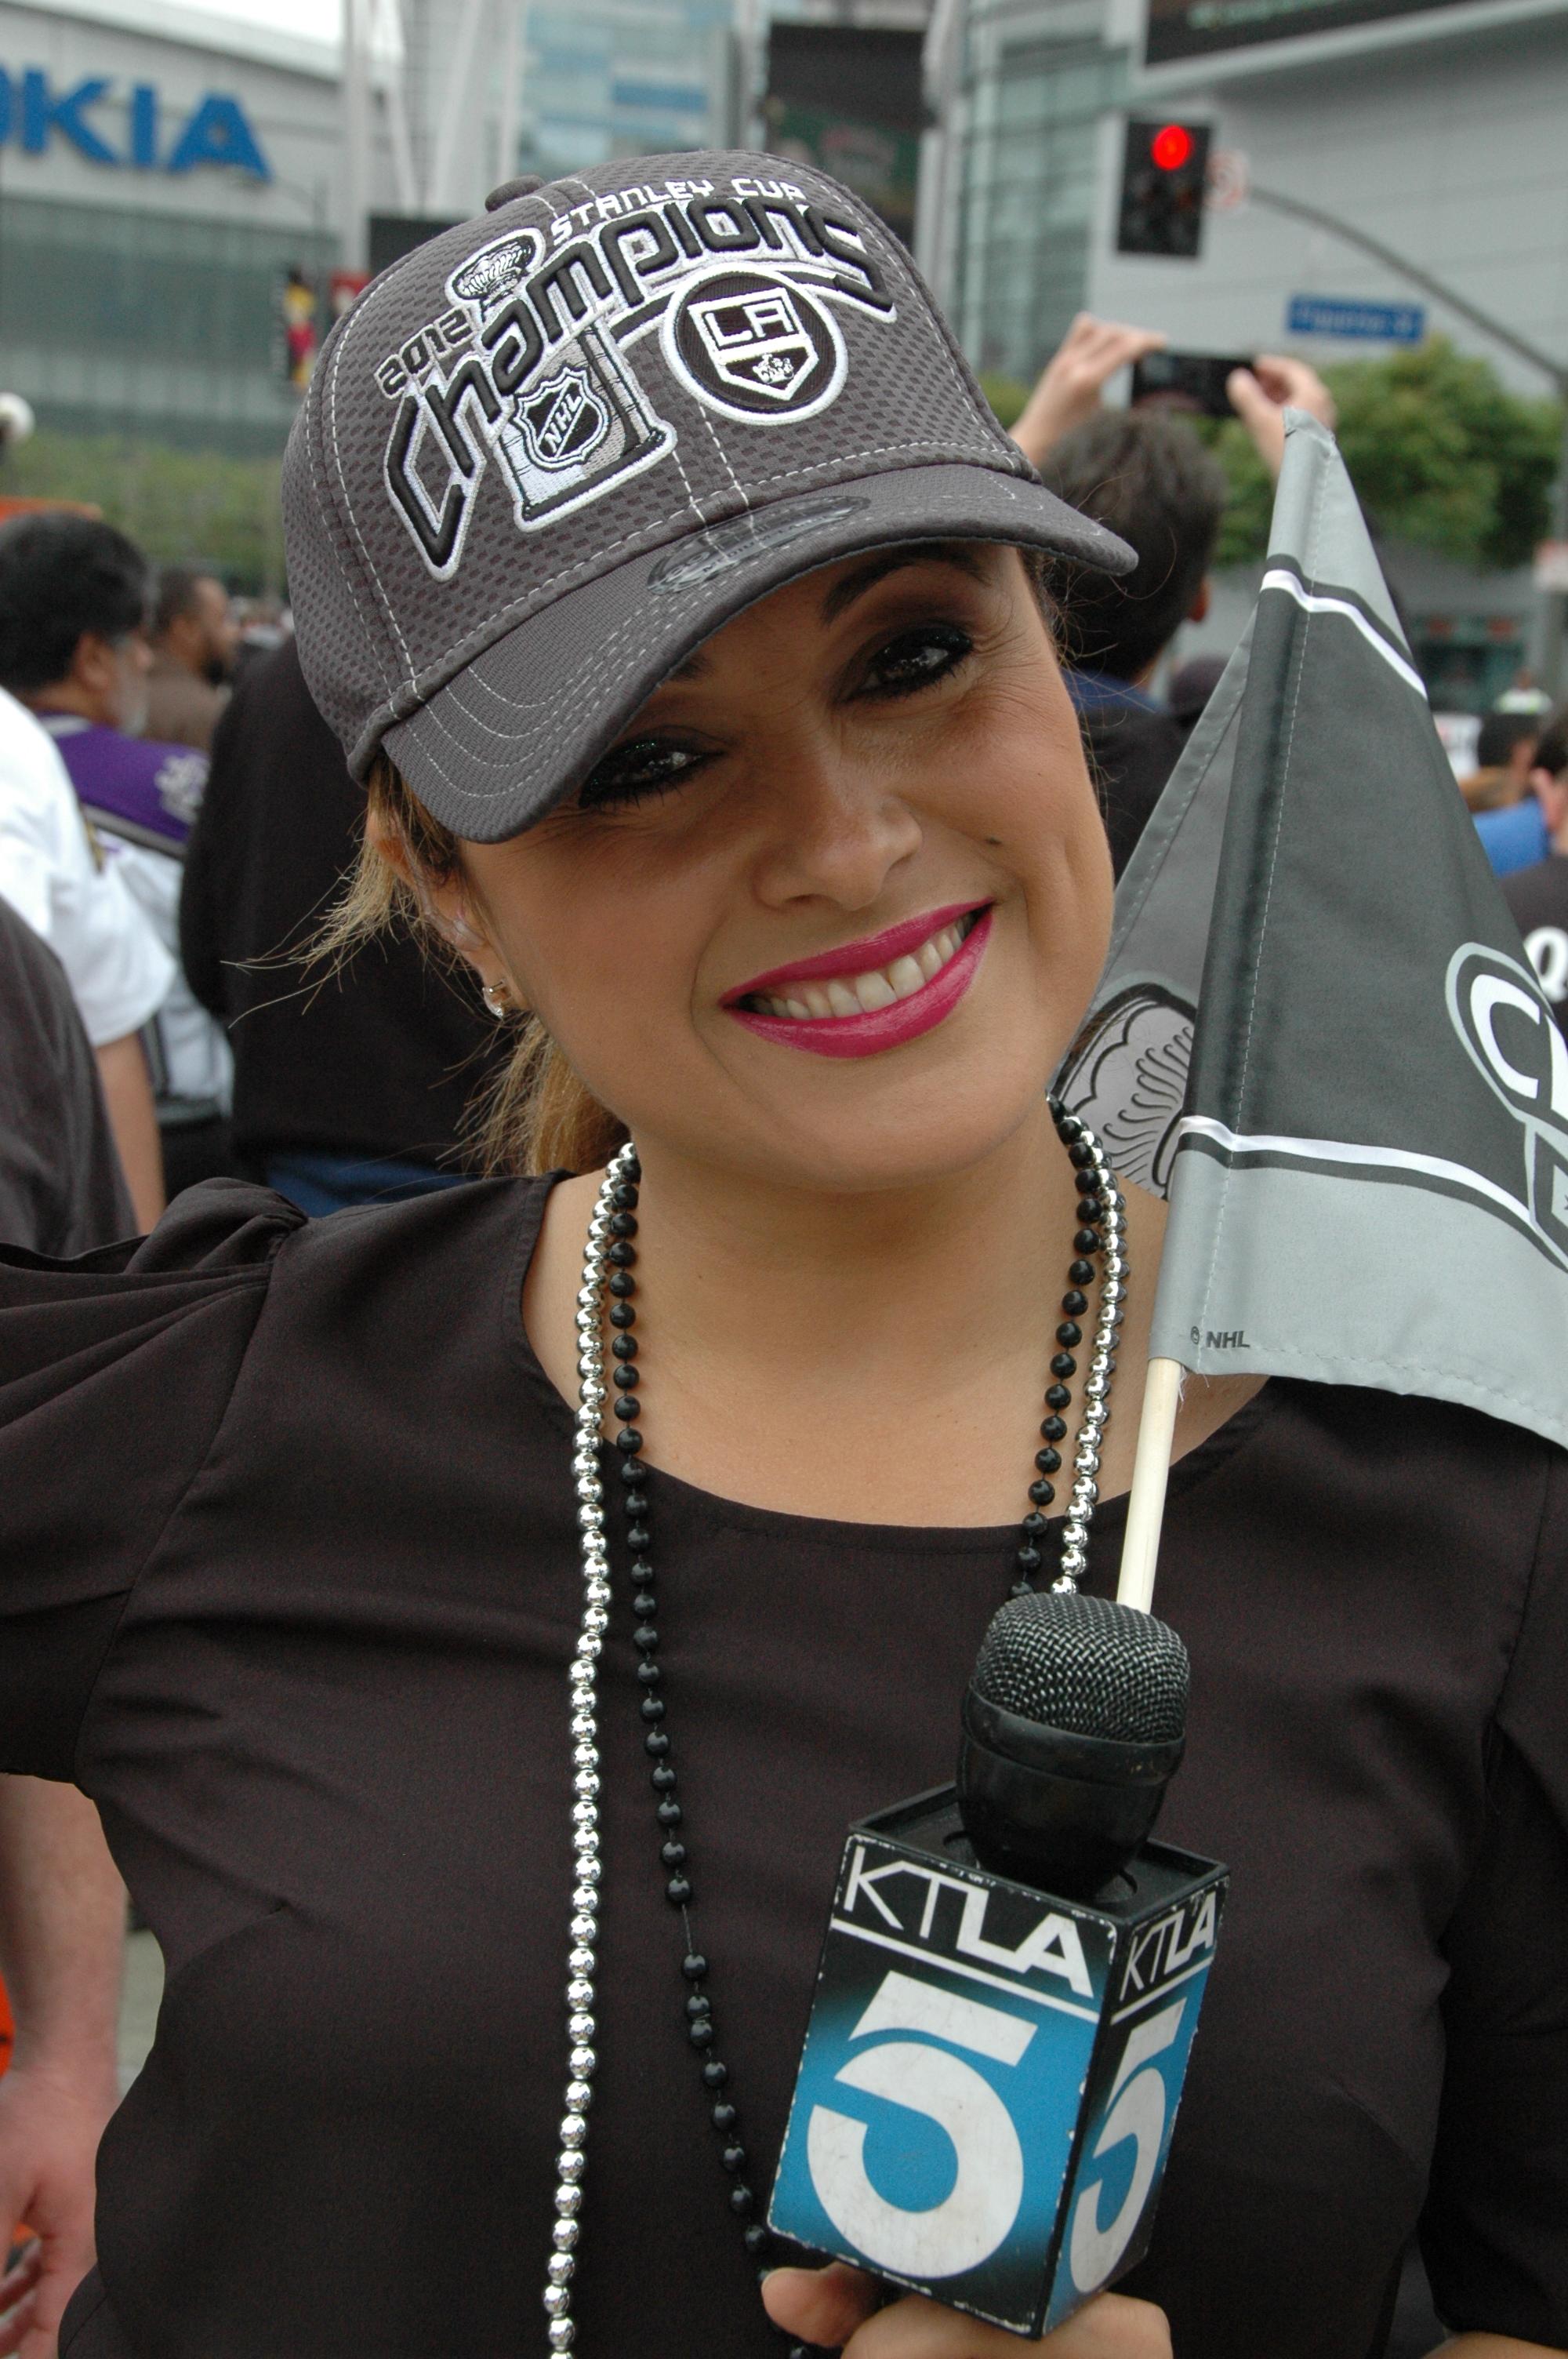 La hermosa reportera del Canal 5, Elizabeth Espinoza nos regaló una bella sonrisa cuando pasamos frente a su unidad movil. (José Ubaldo/El Pasajero).